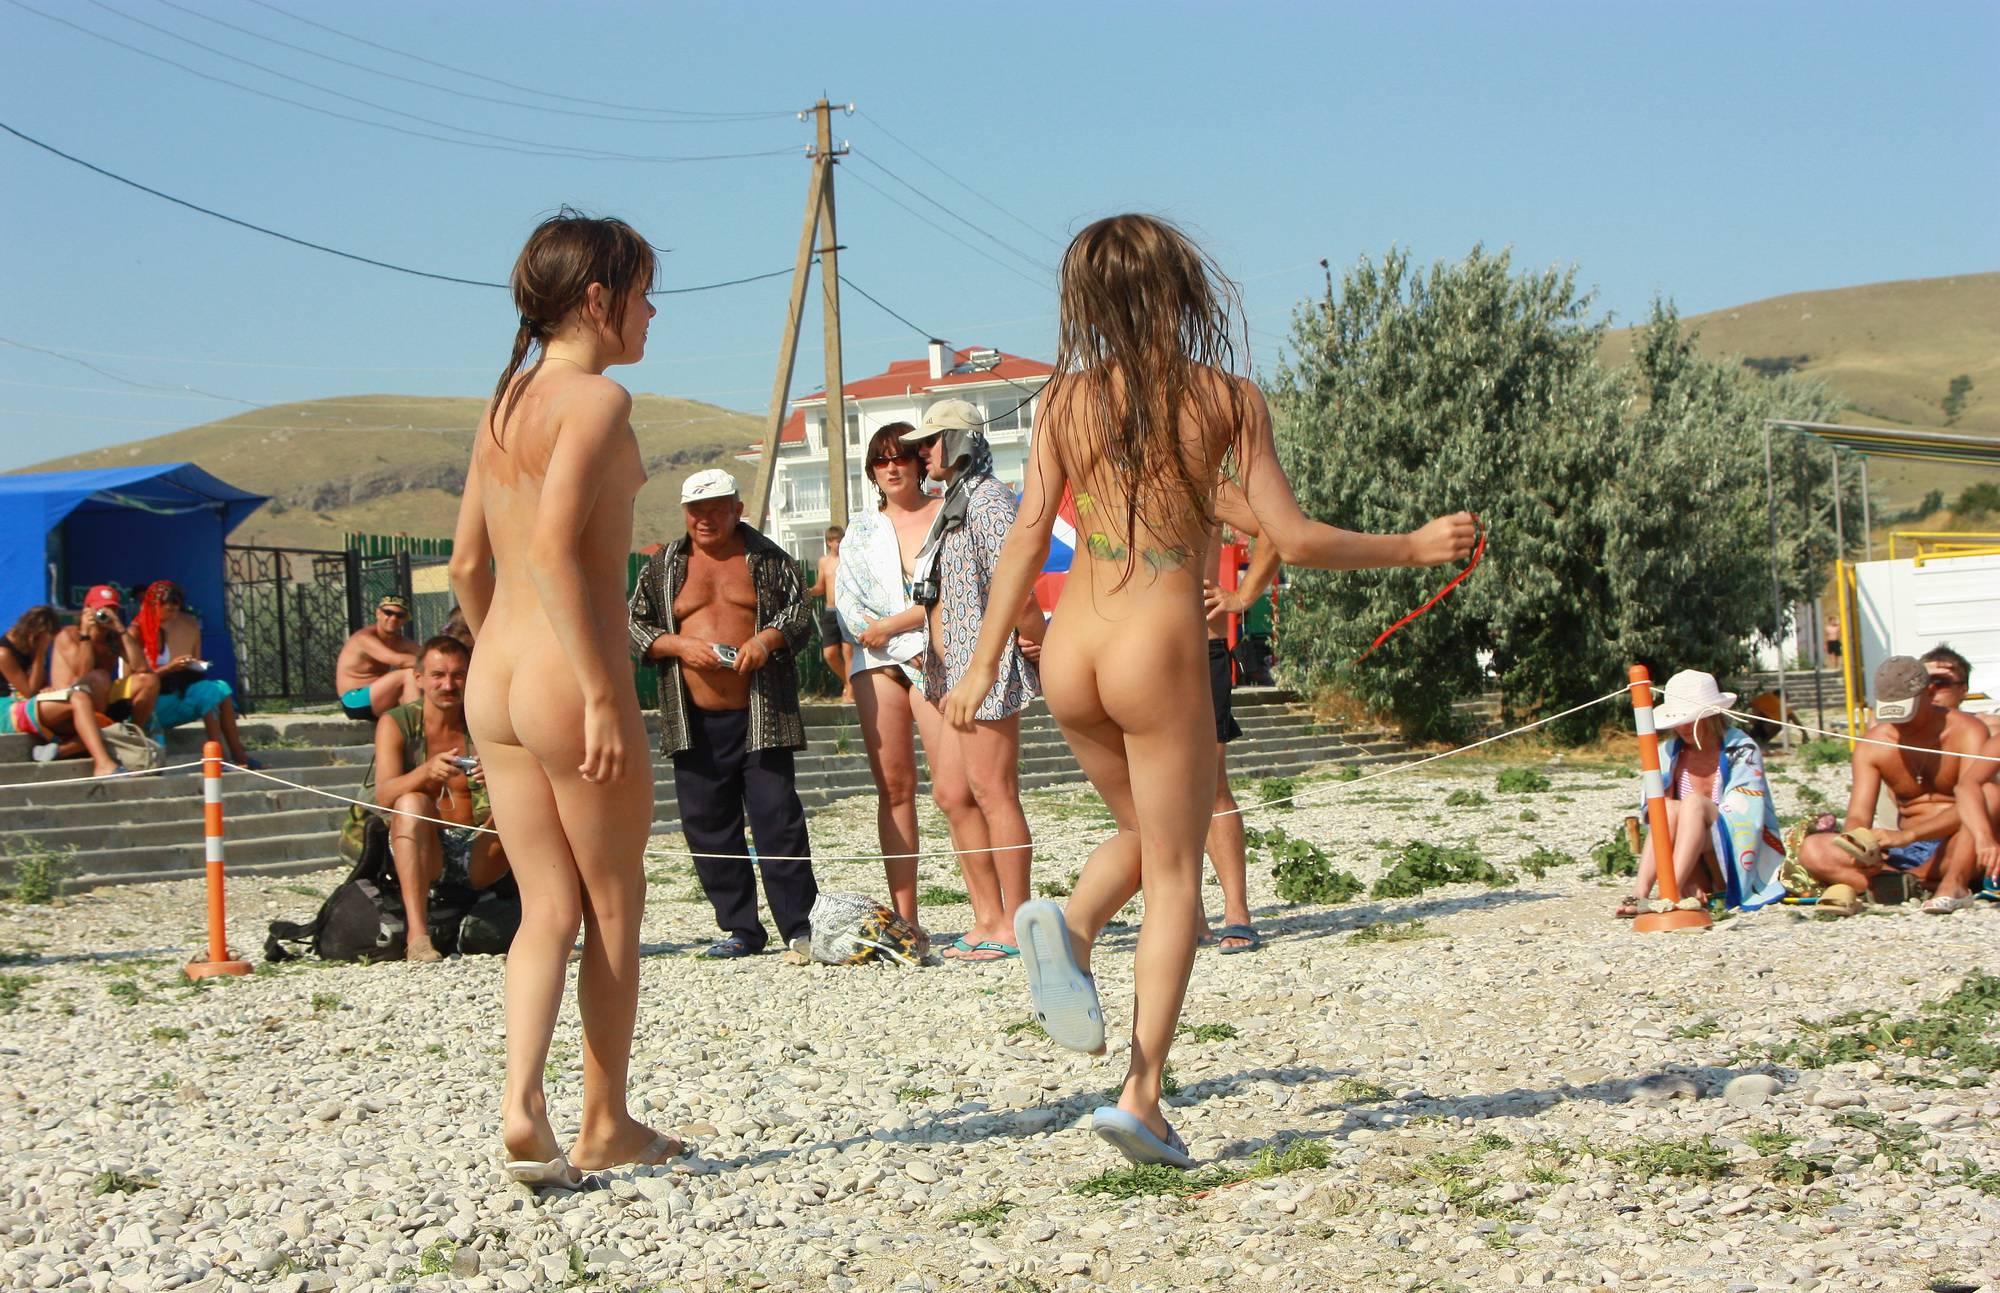 Nudist Pictures Ukrainian Dance to the Sky - 2